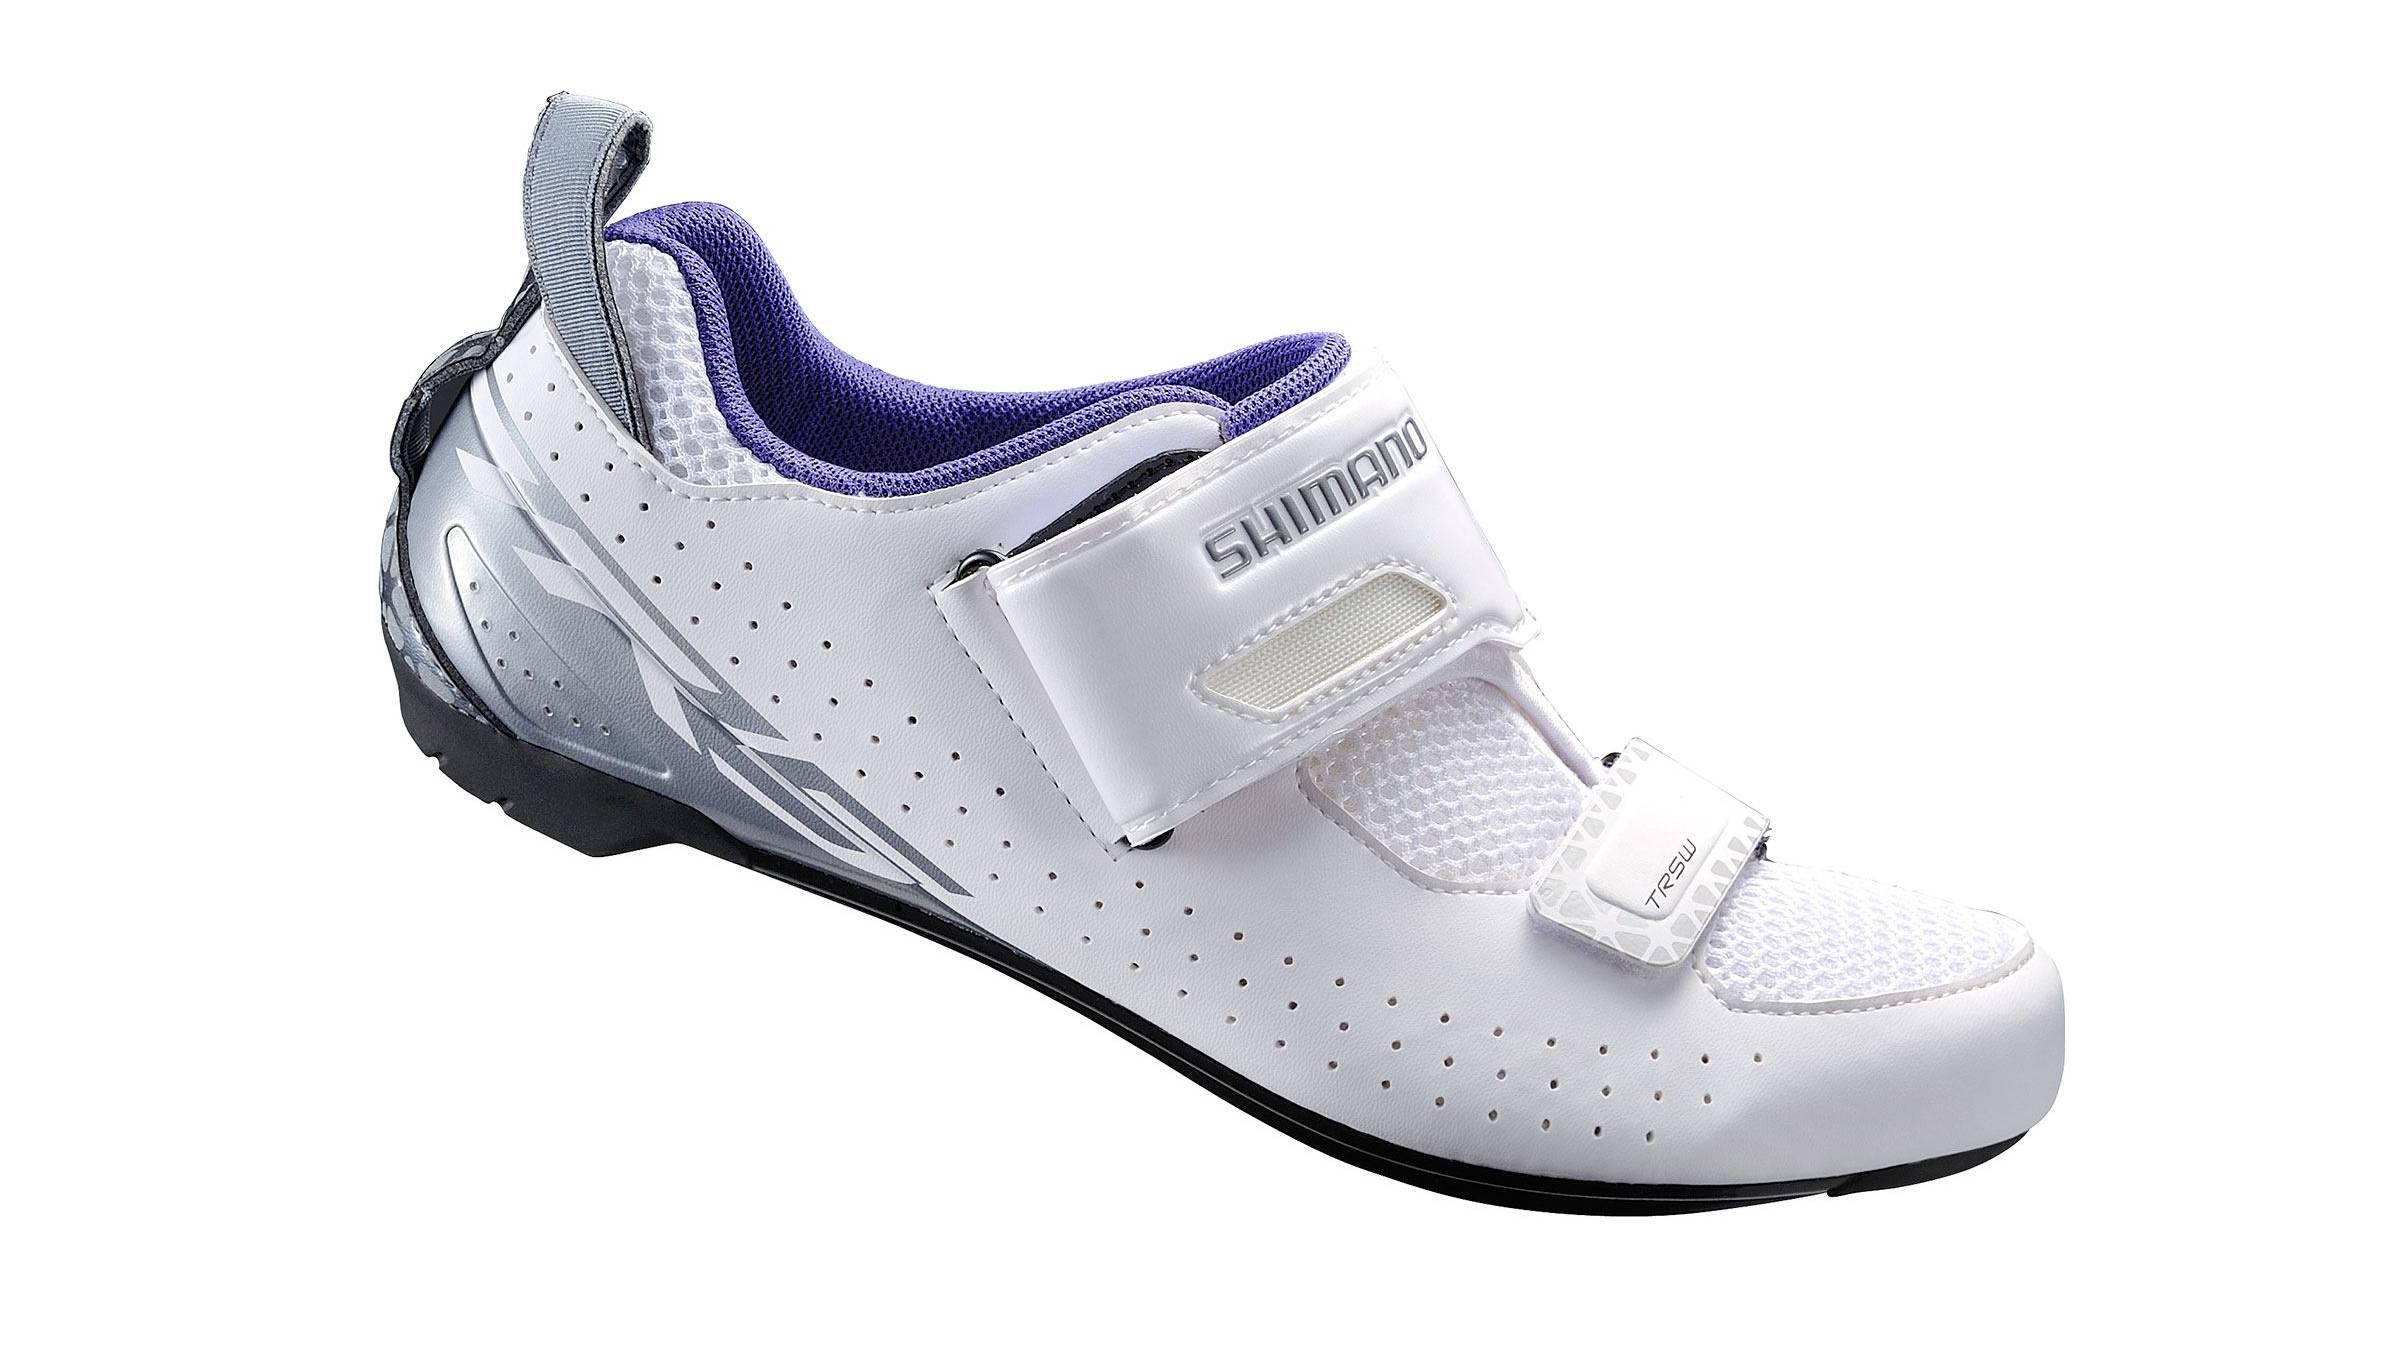 Shimano TR5W cycling shoe